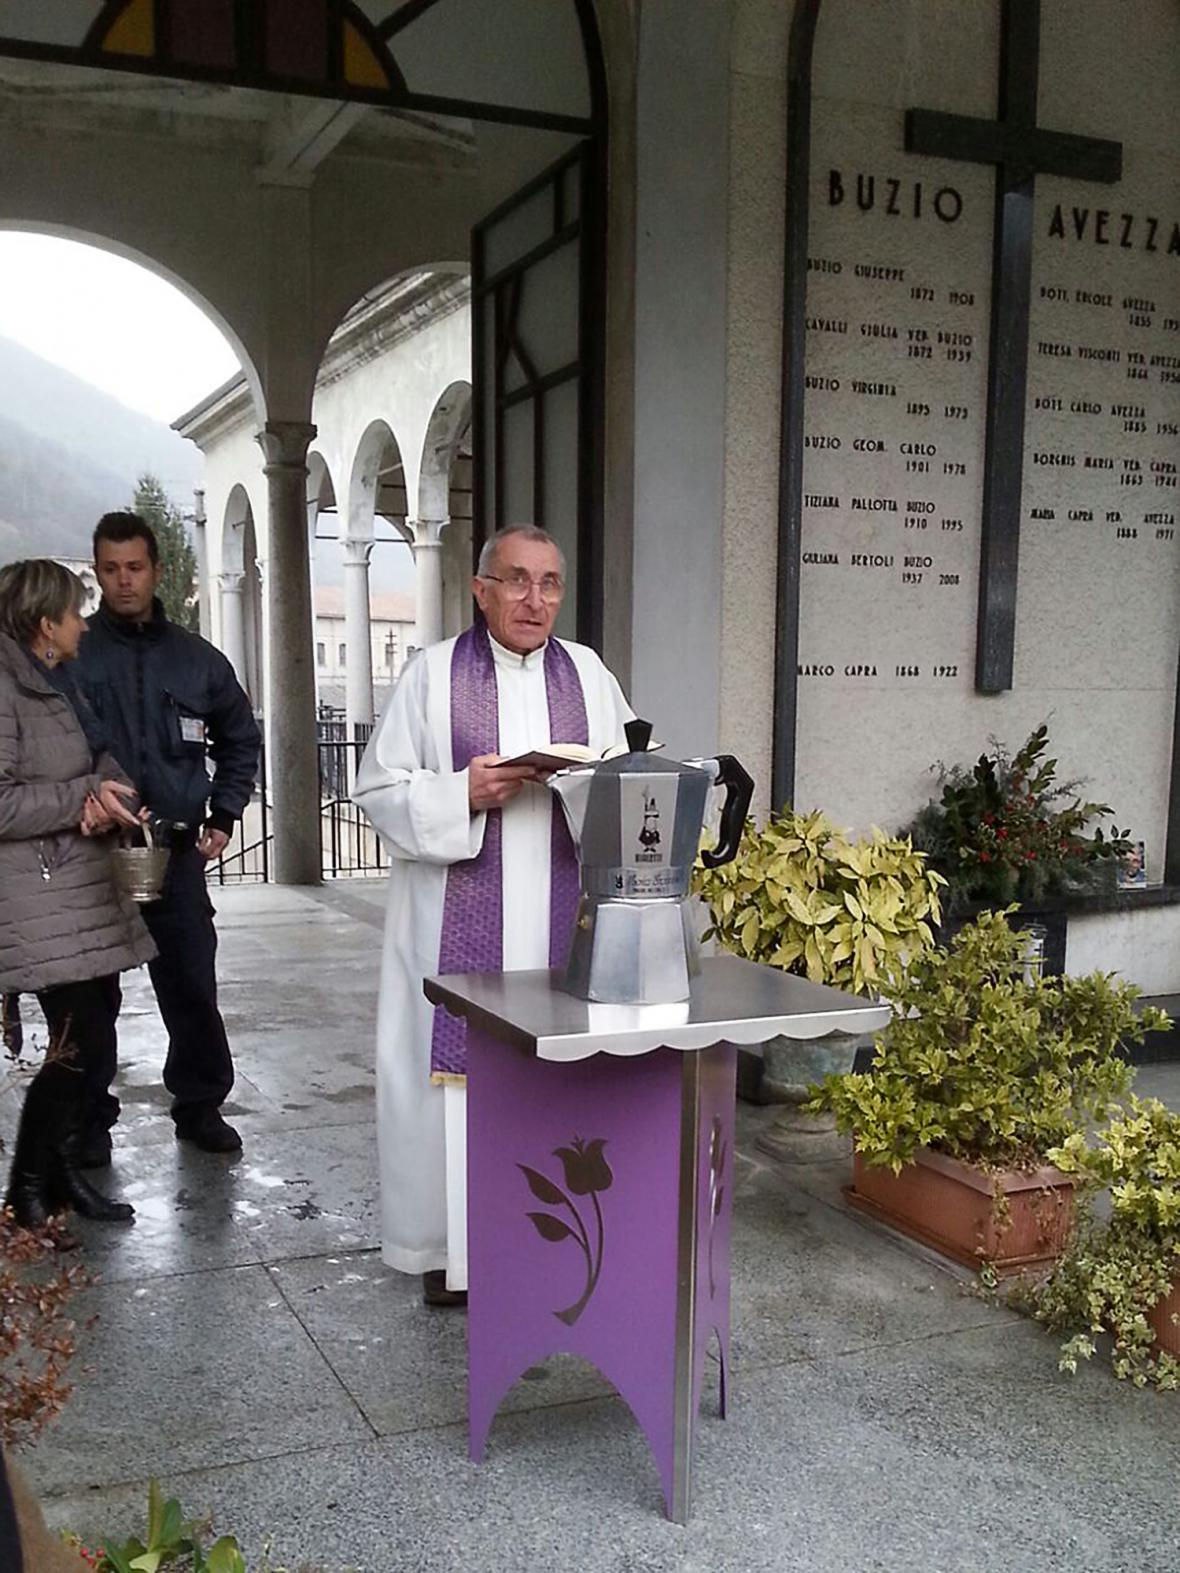 Pohřeb Renata Bialettiho